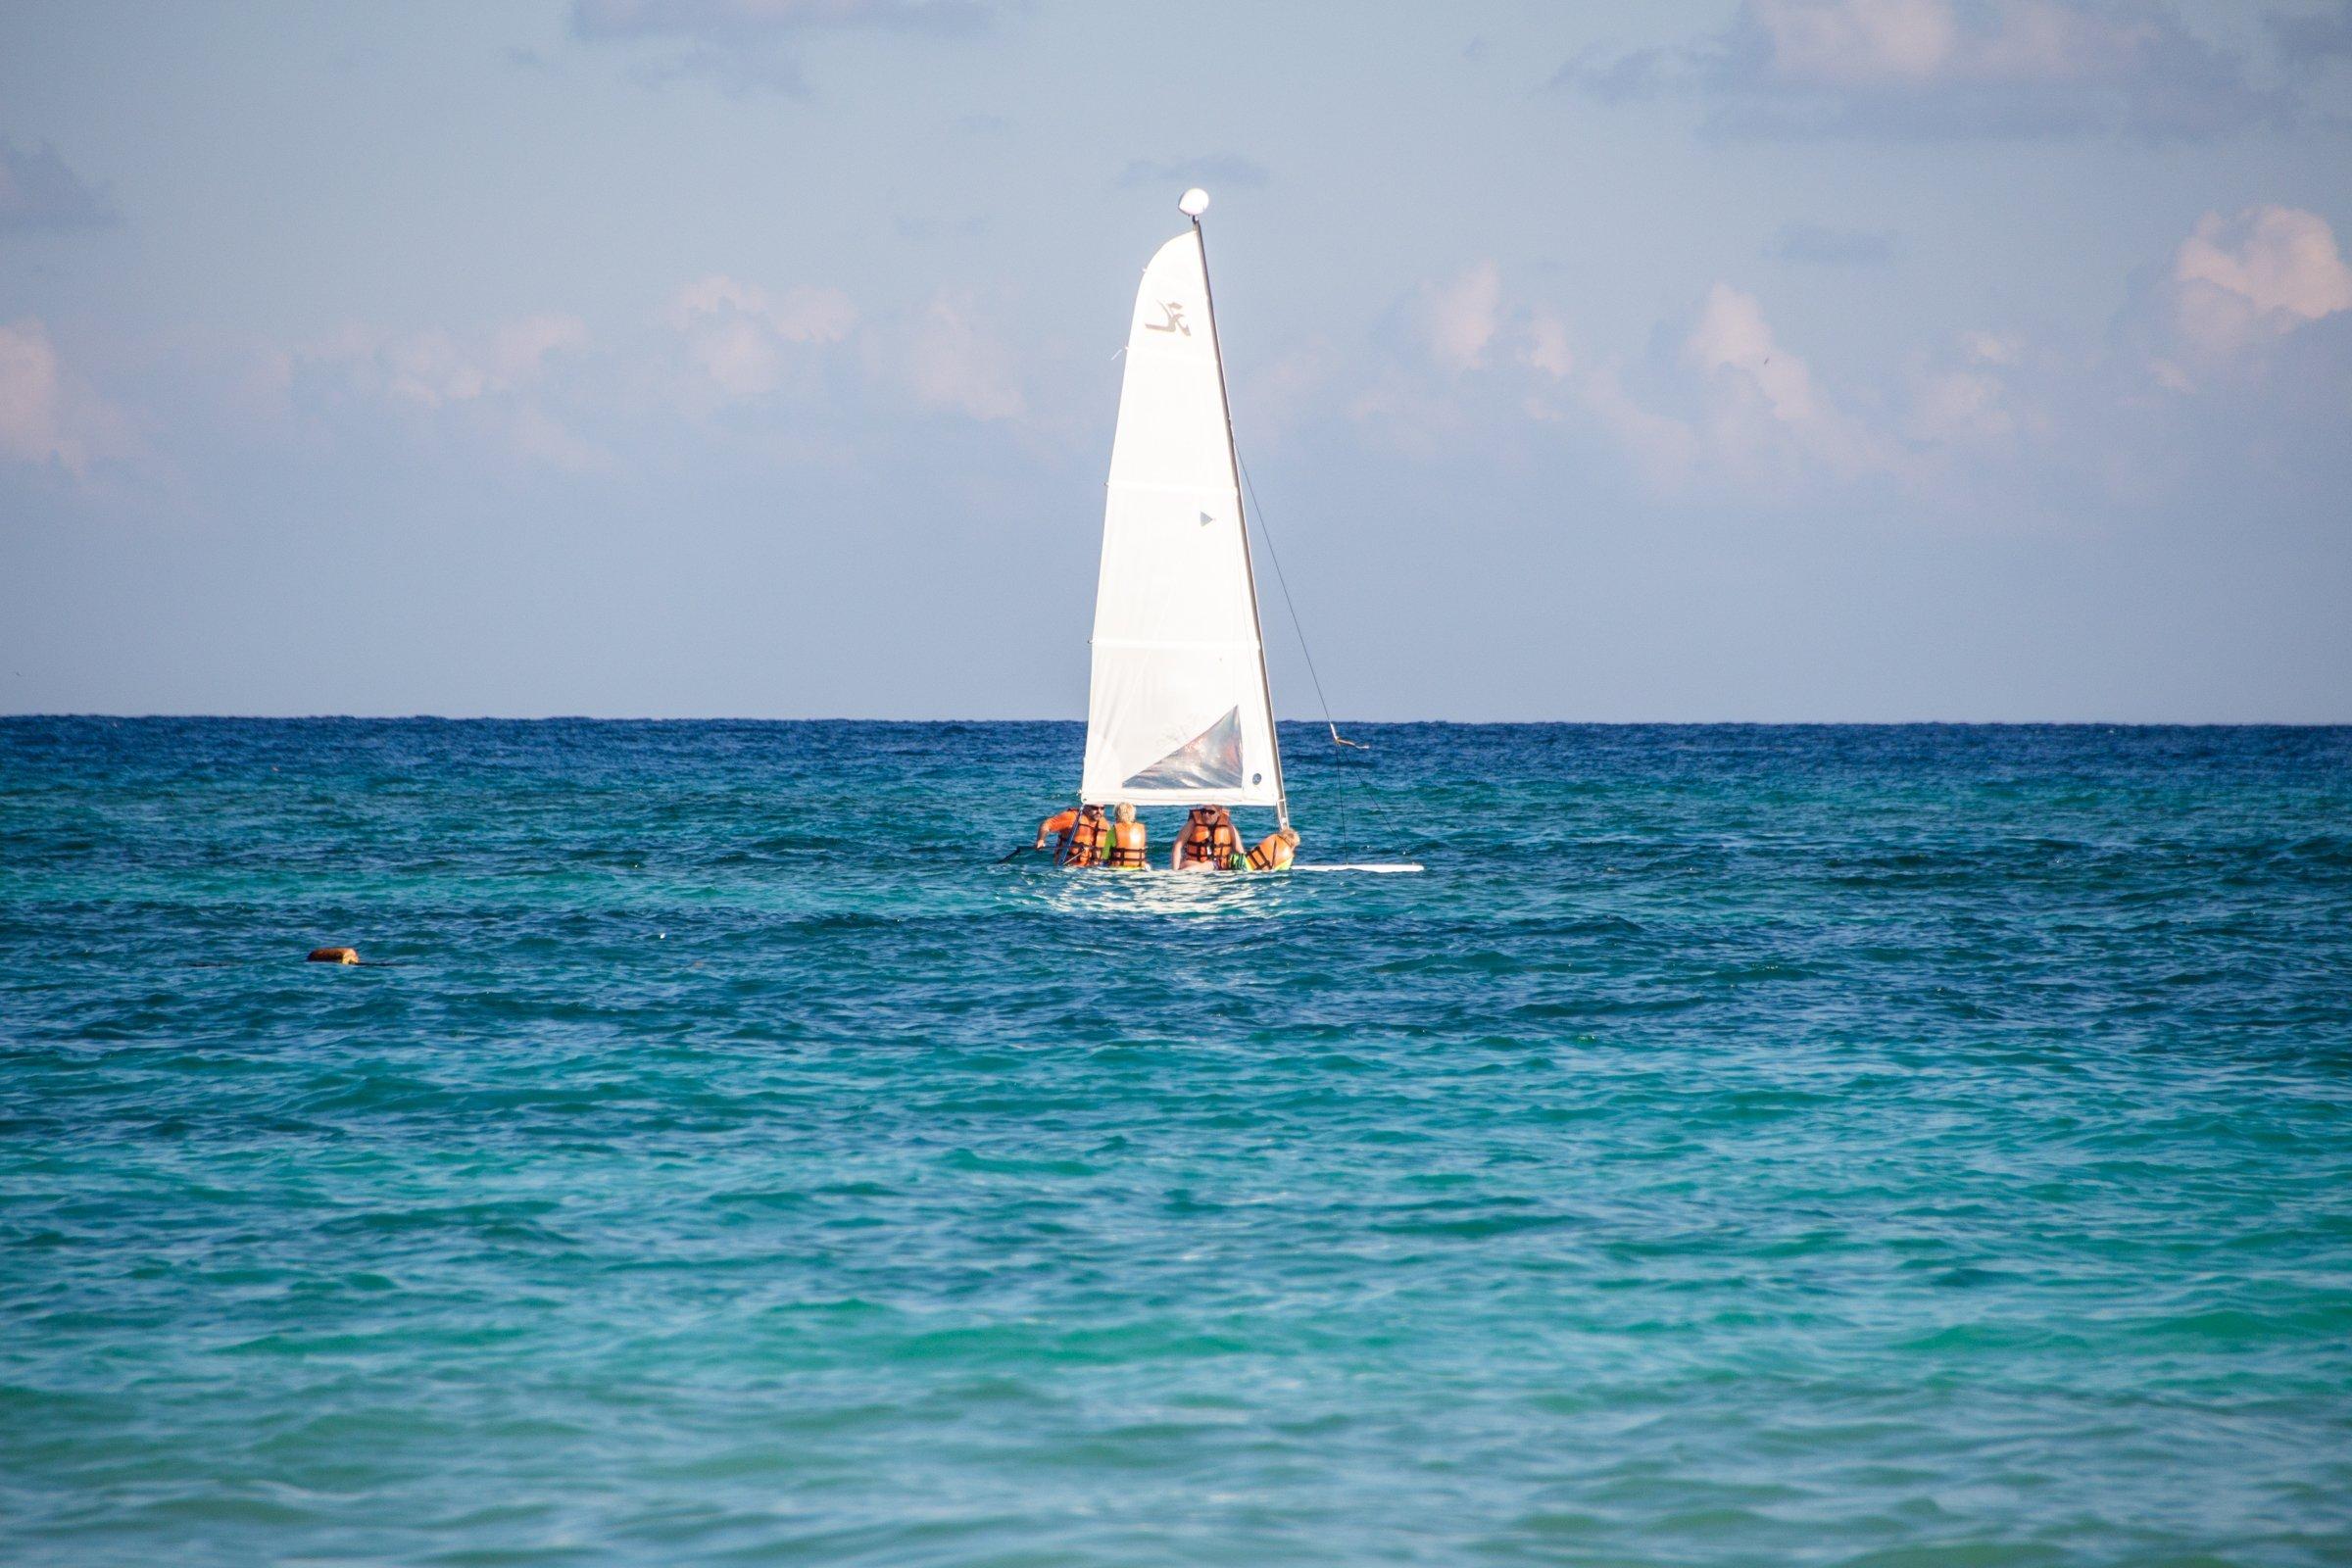 People On Longboard Windsurfer On Water